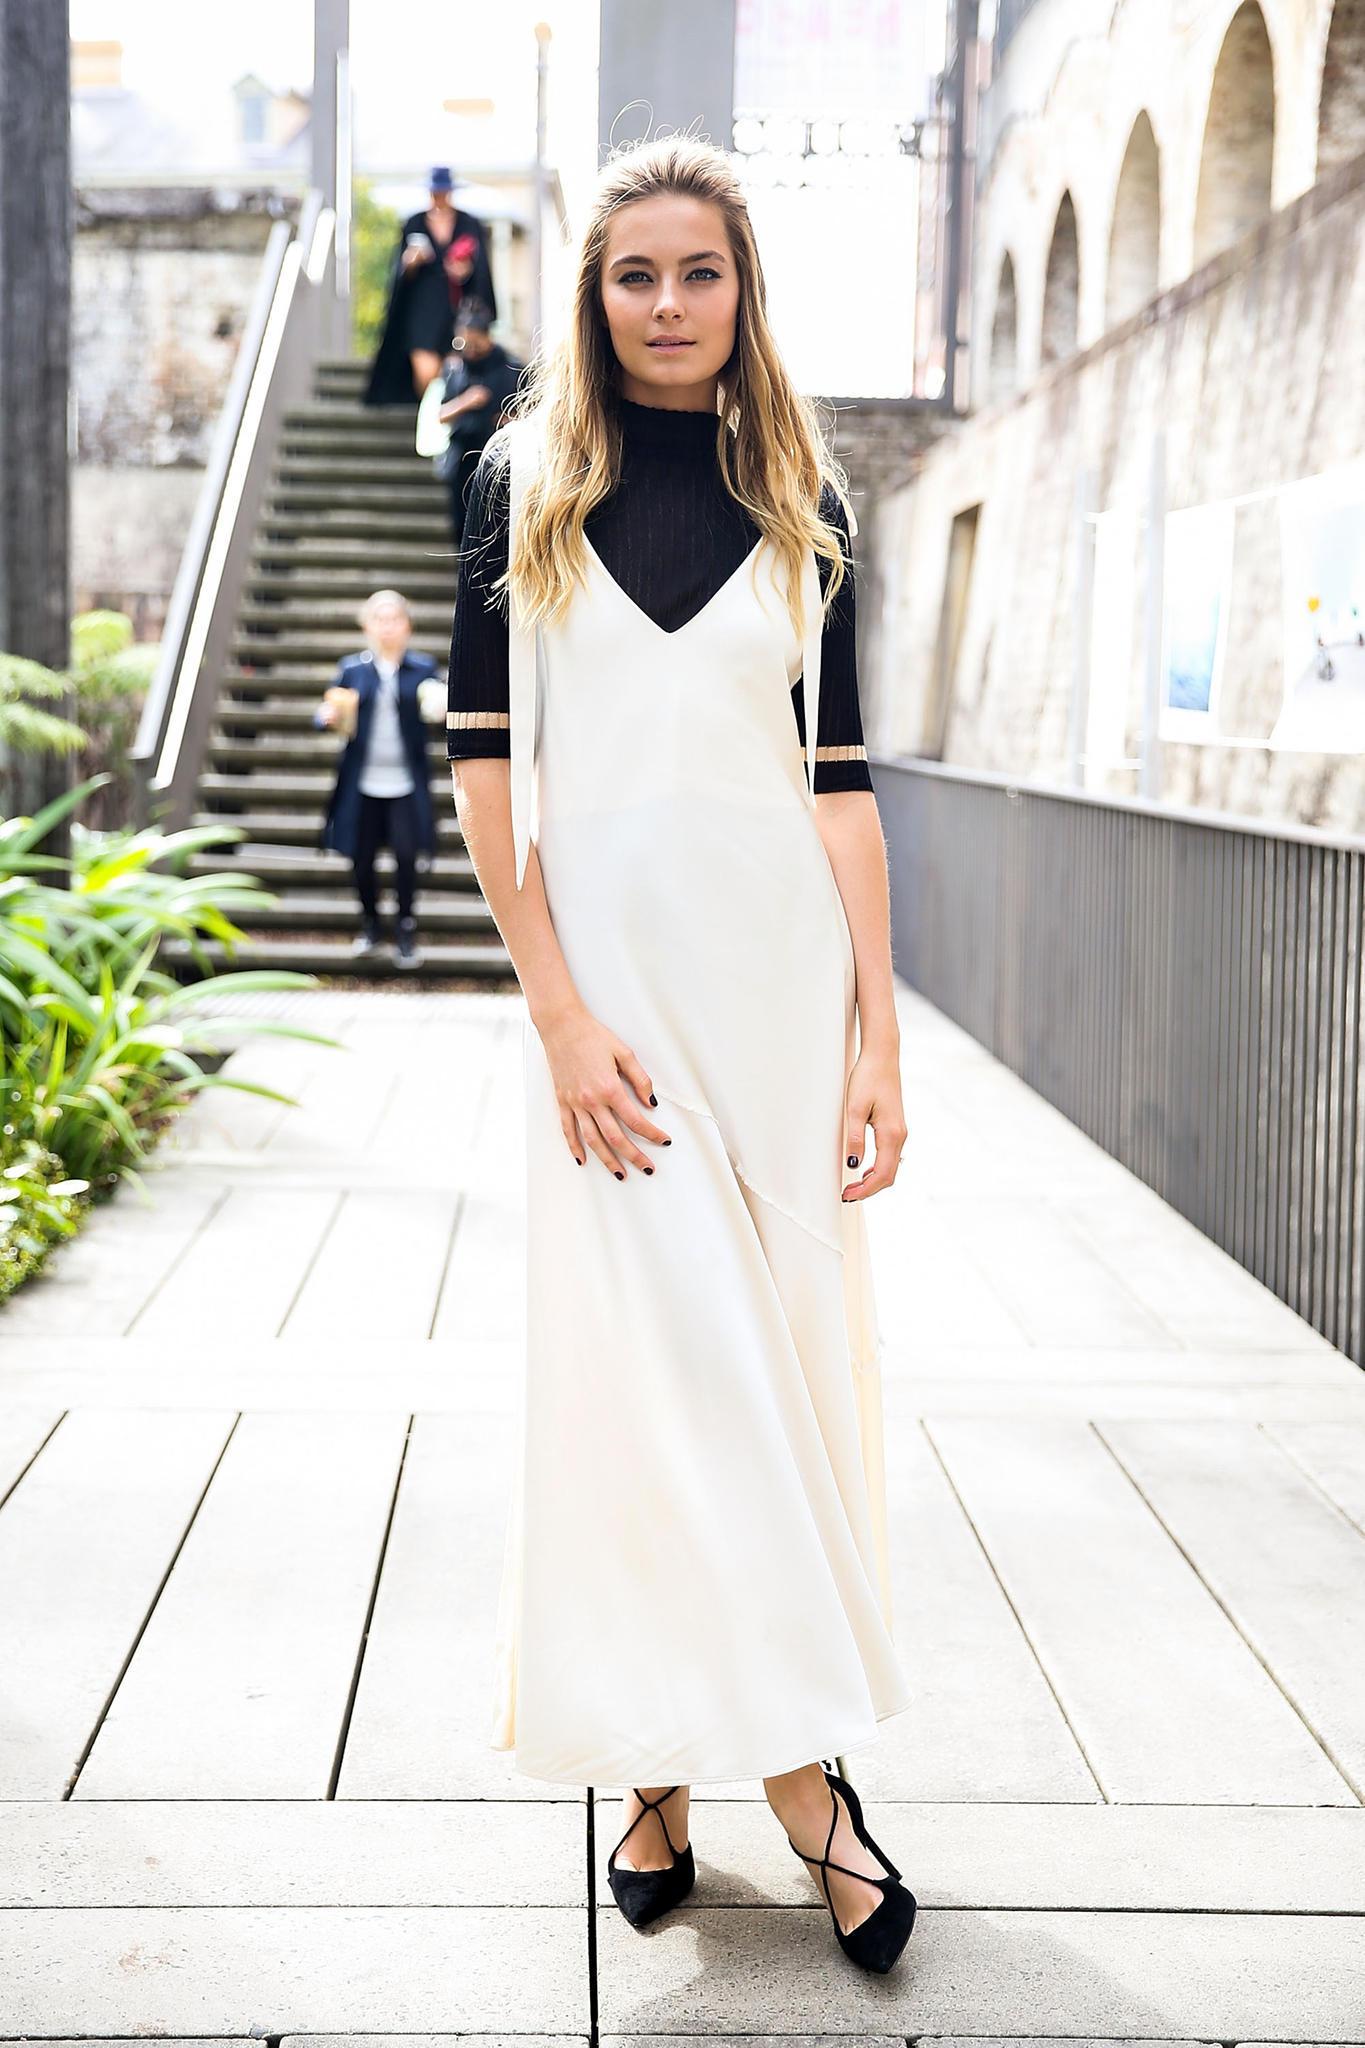 Weiße Kleider: Streetstyle mit schwarzem Rolli